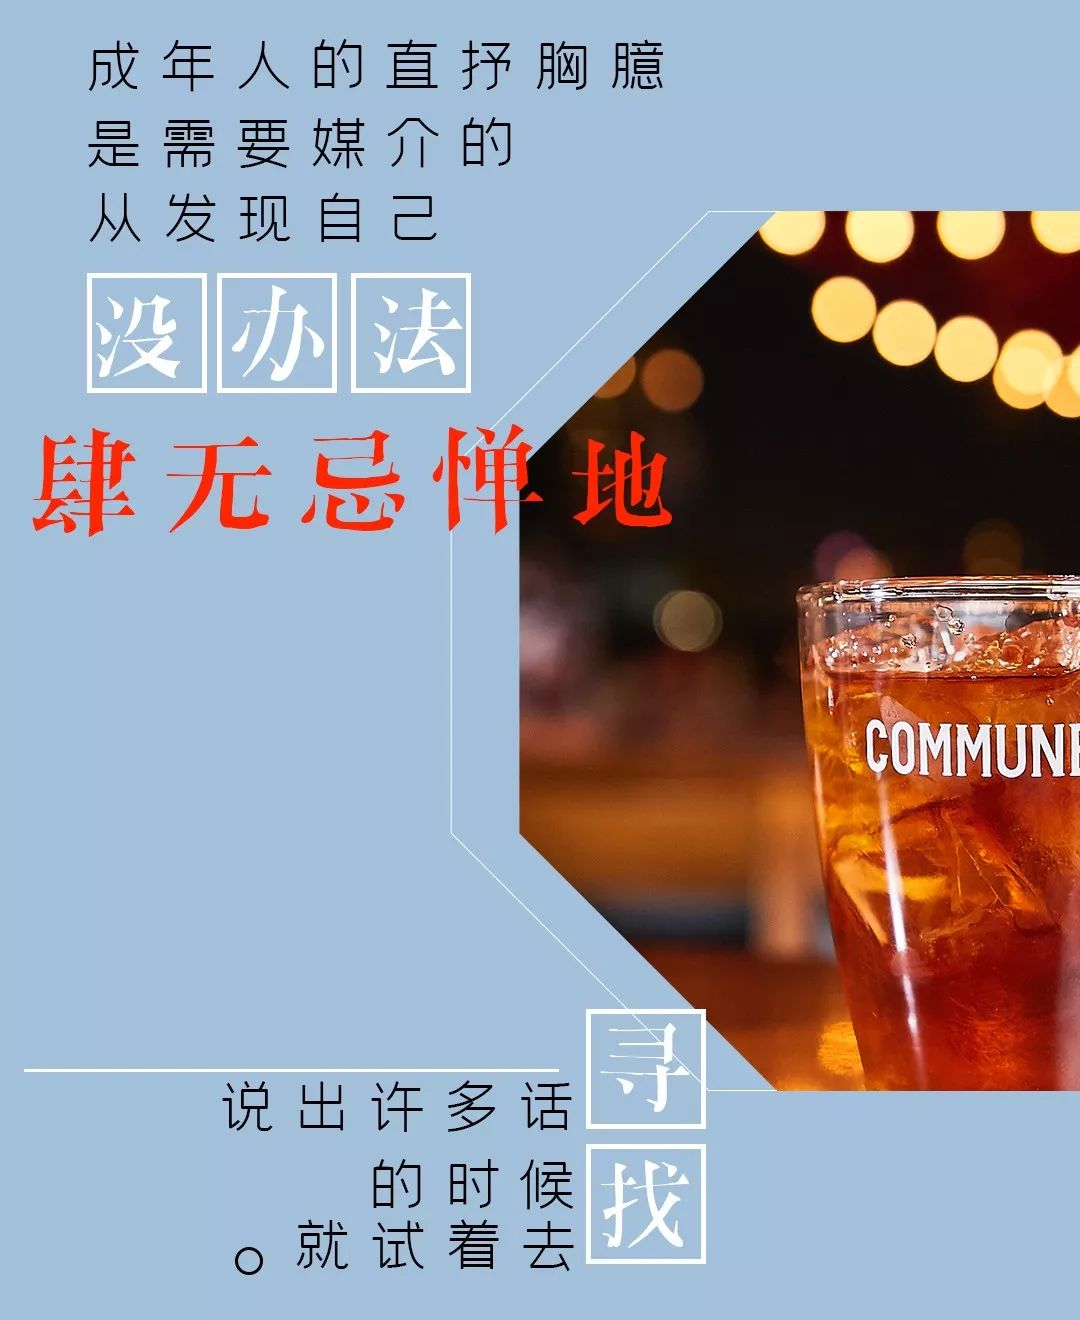 广州这家坐拥无敌大江景的餐酒吧,喝酒不要钱!